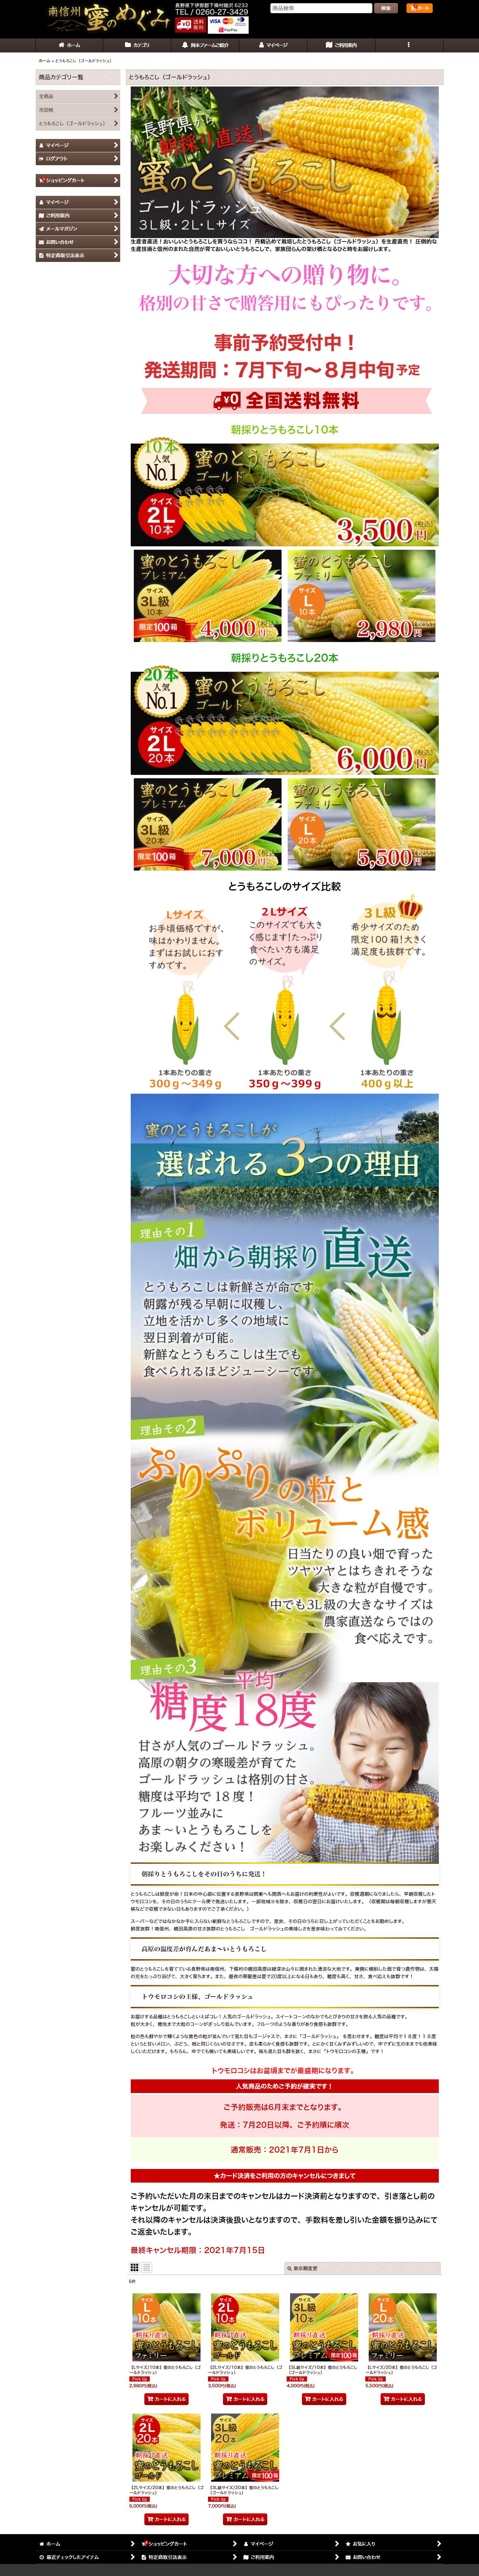 ホームページ制作・ランディングページ 岡本ファーム様 とうもろこし通販